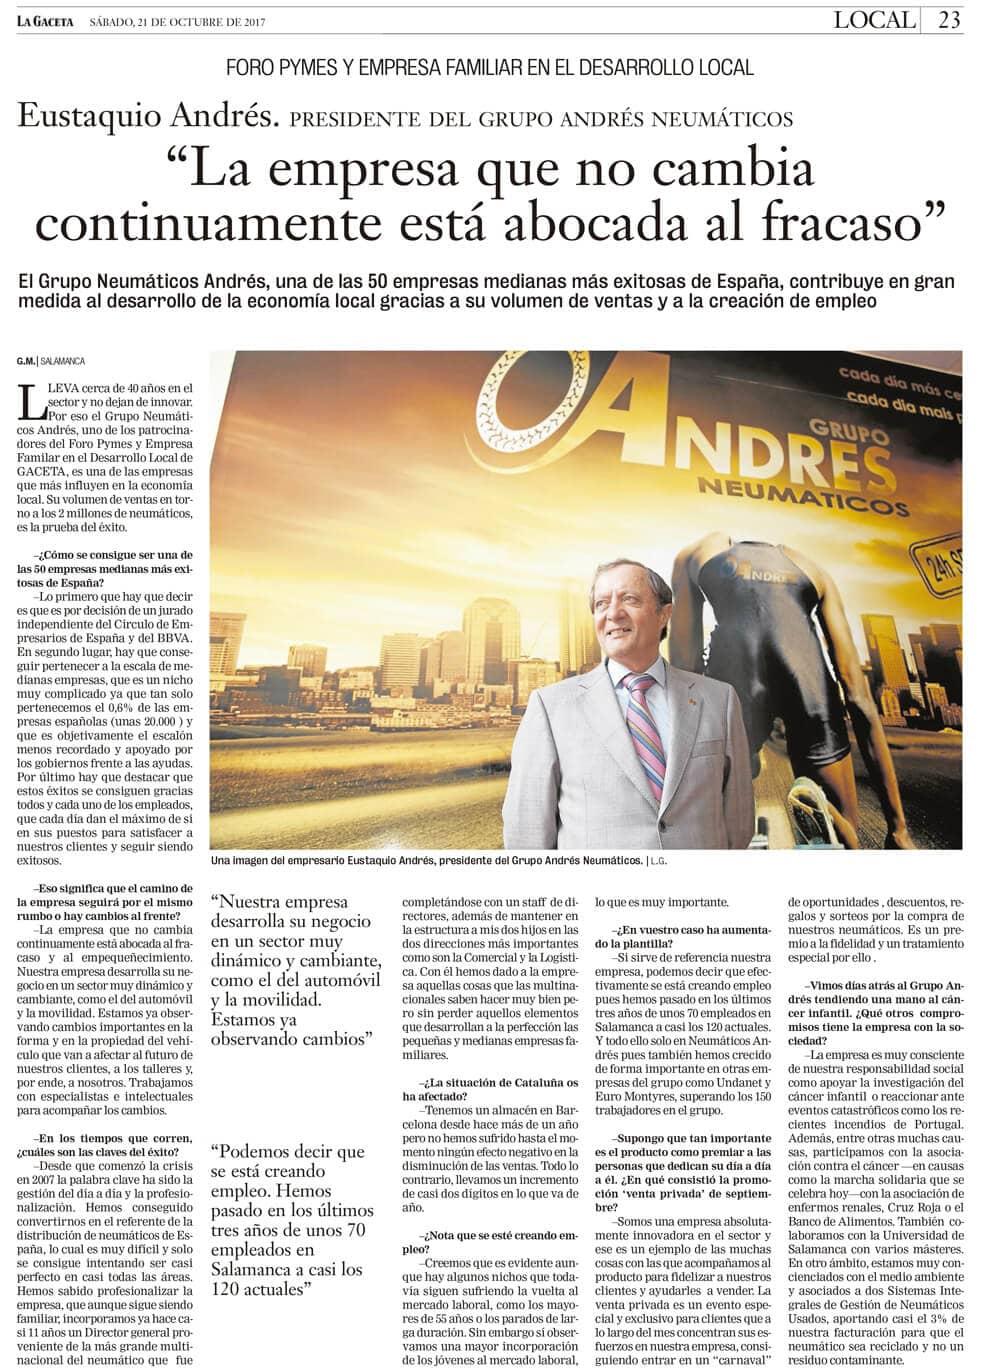 Entrevista-Eustaquio-Andres-Gaceta-2017